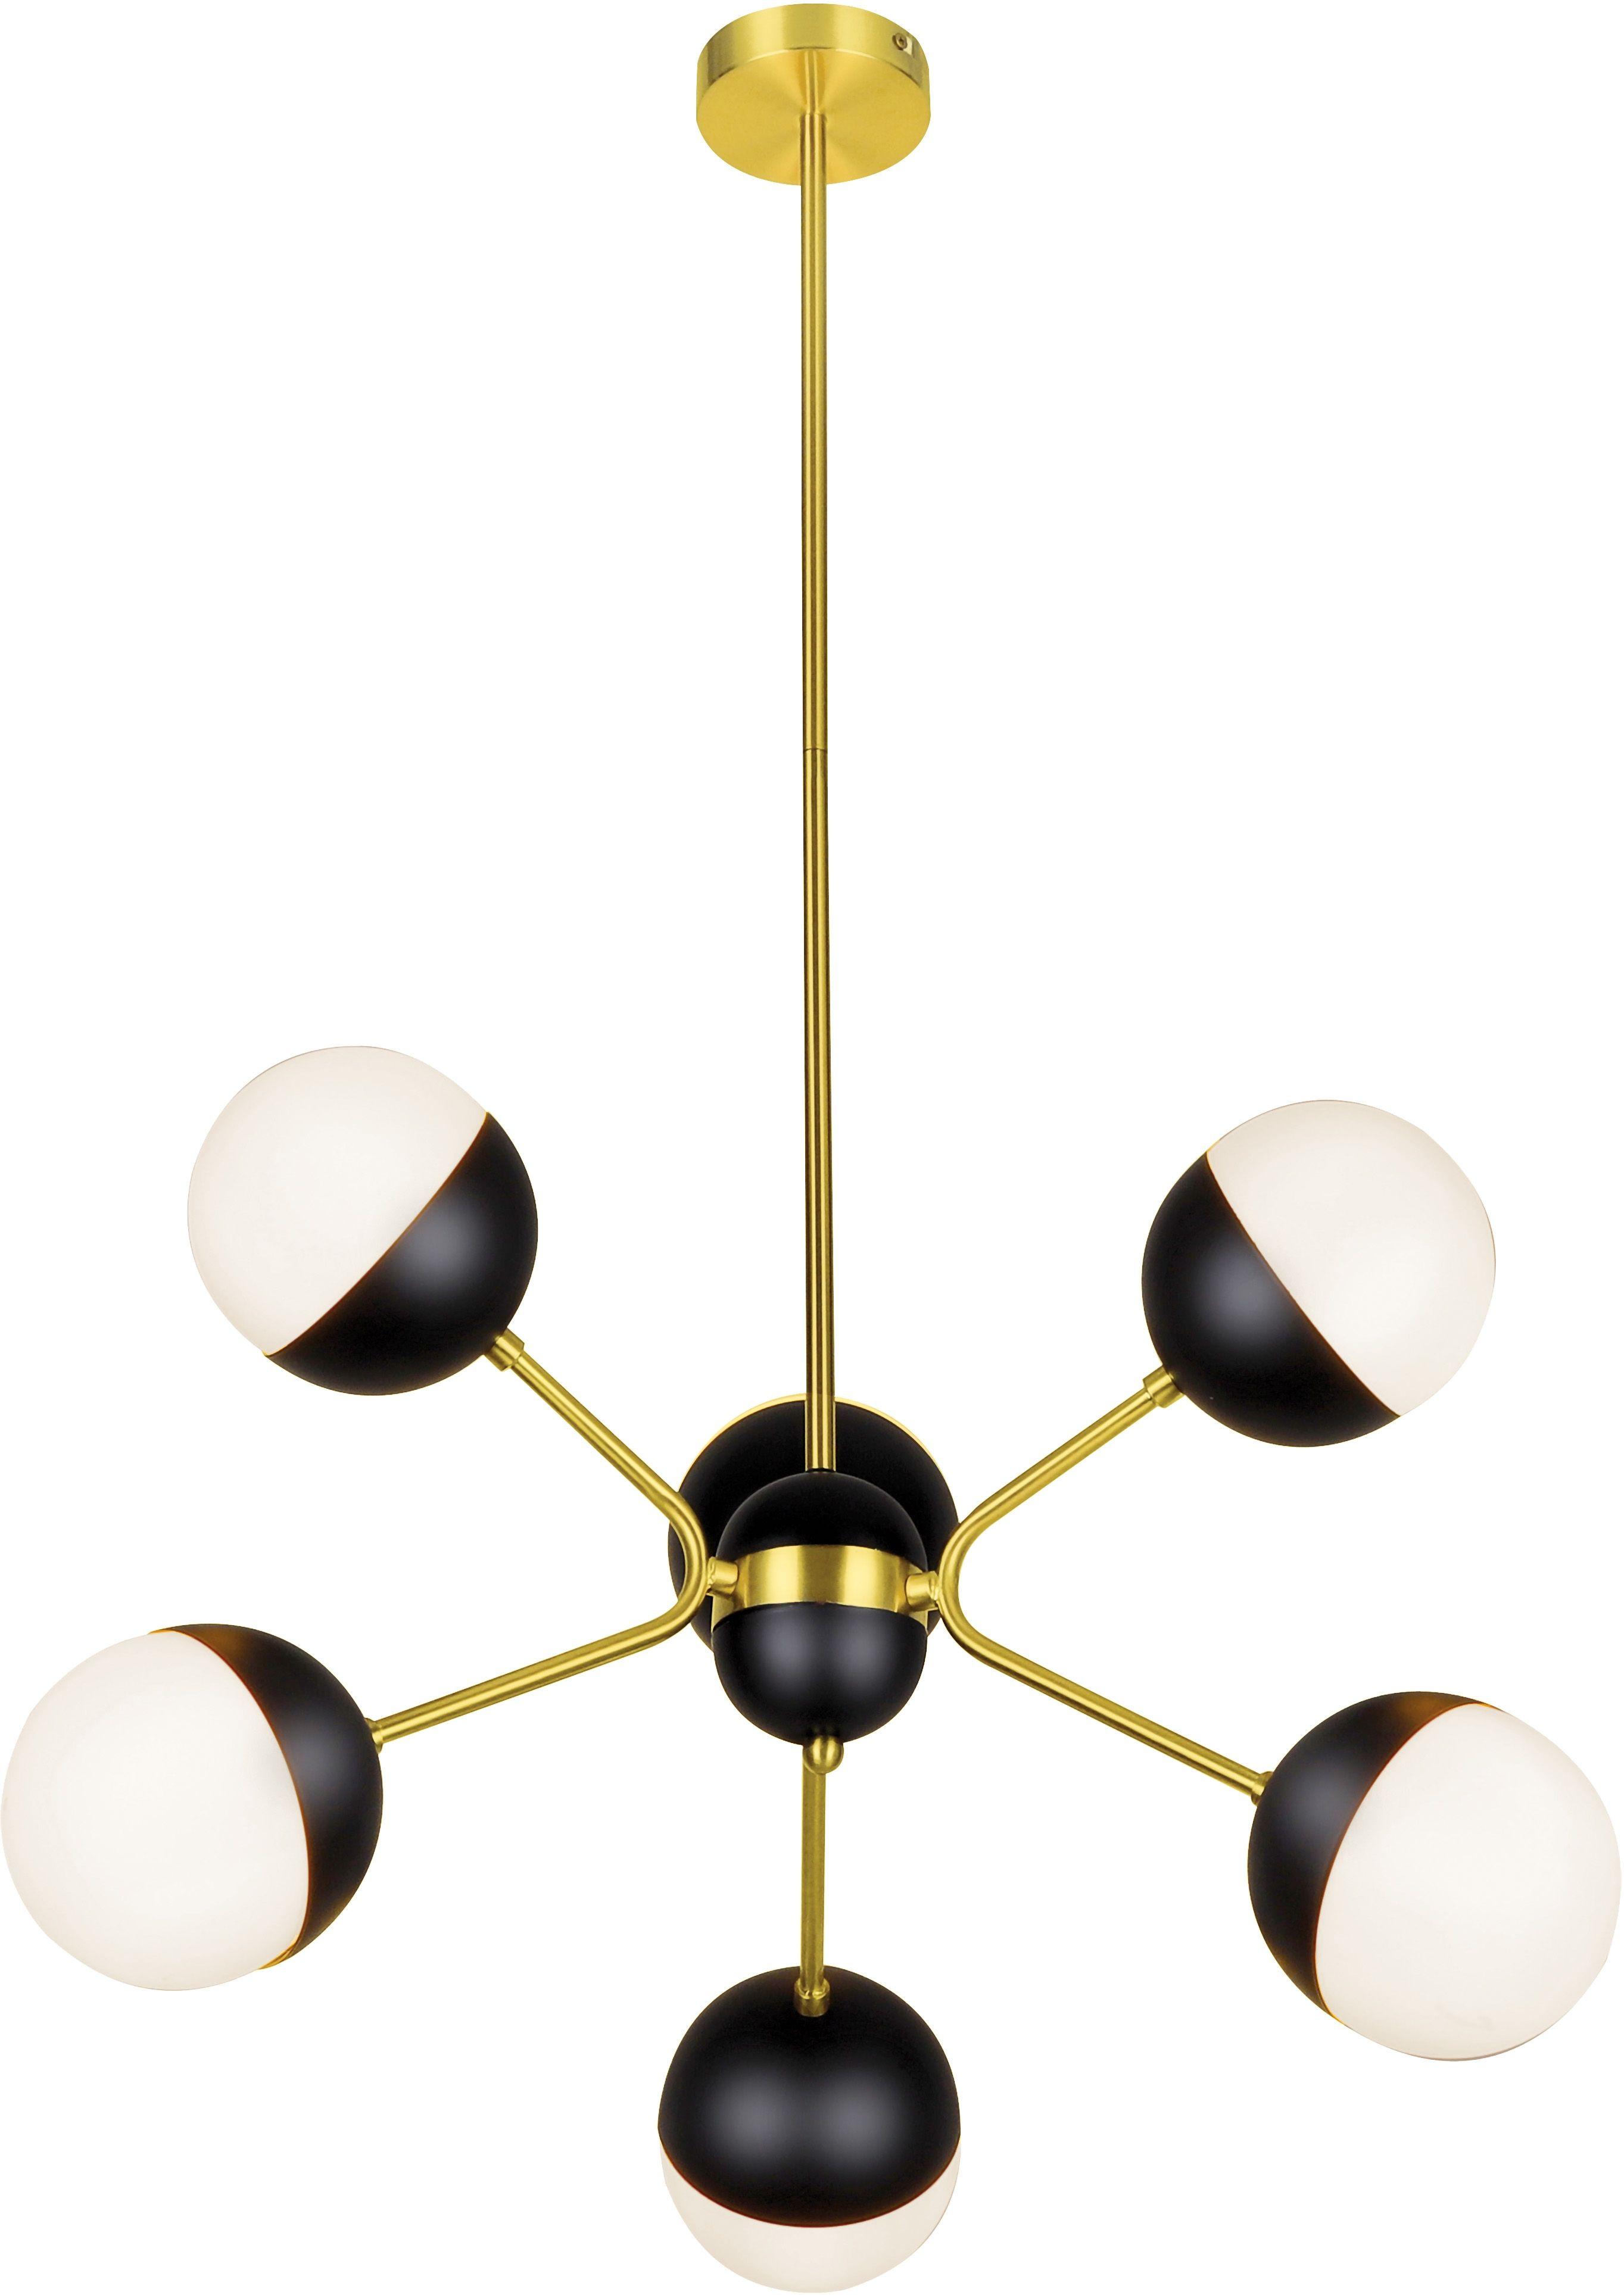 Φωτιστικό οροφής Viokef Orbit 6φωτο